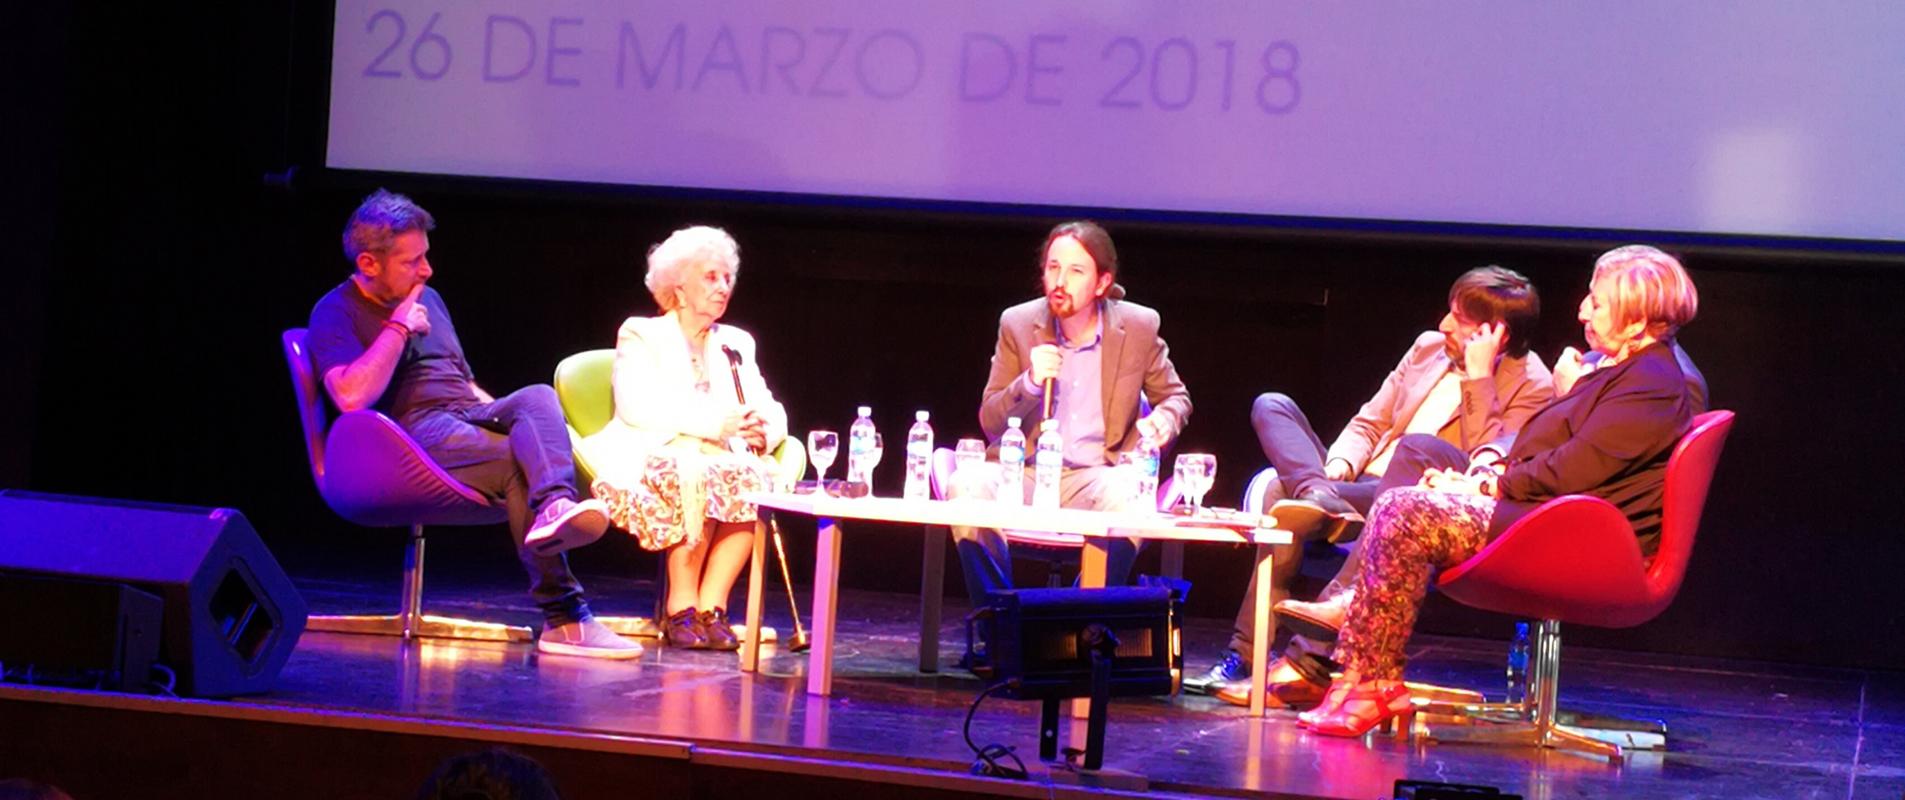 Doctorado Honoris Causa para Pablo Iglesias